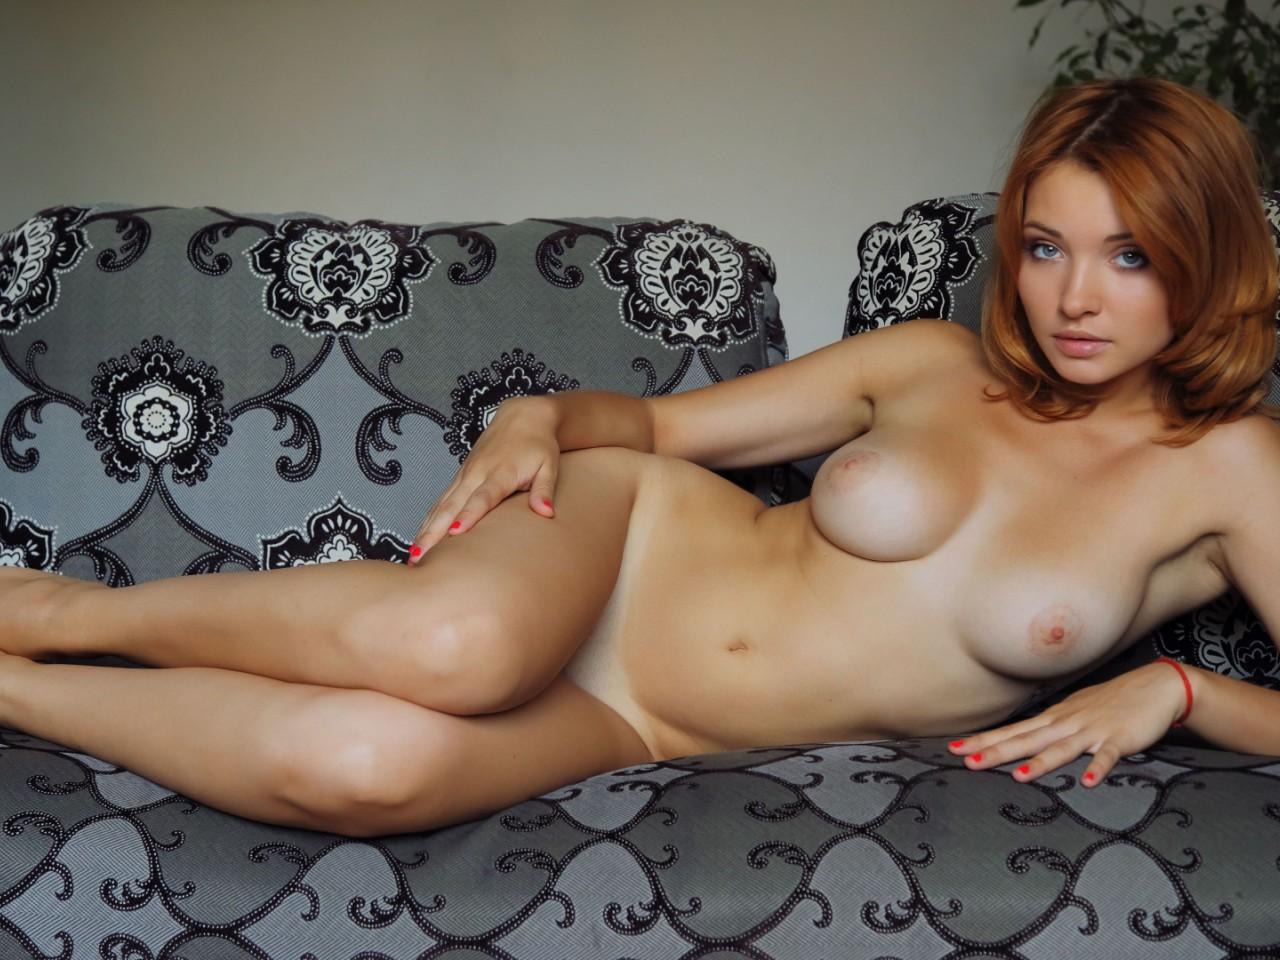 Частная фотоэротика женщин, Бытовые снимки простых женщин порно фото бесплатно 15 фотография